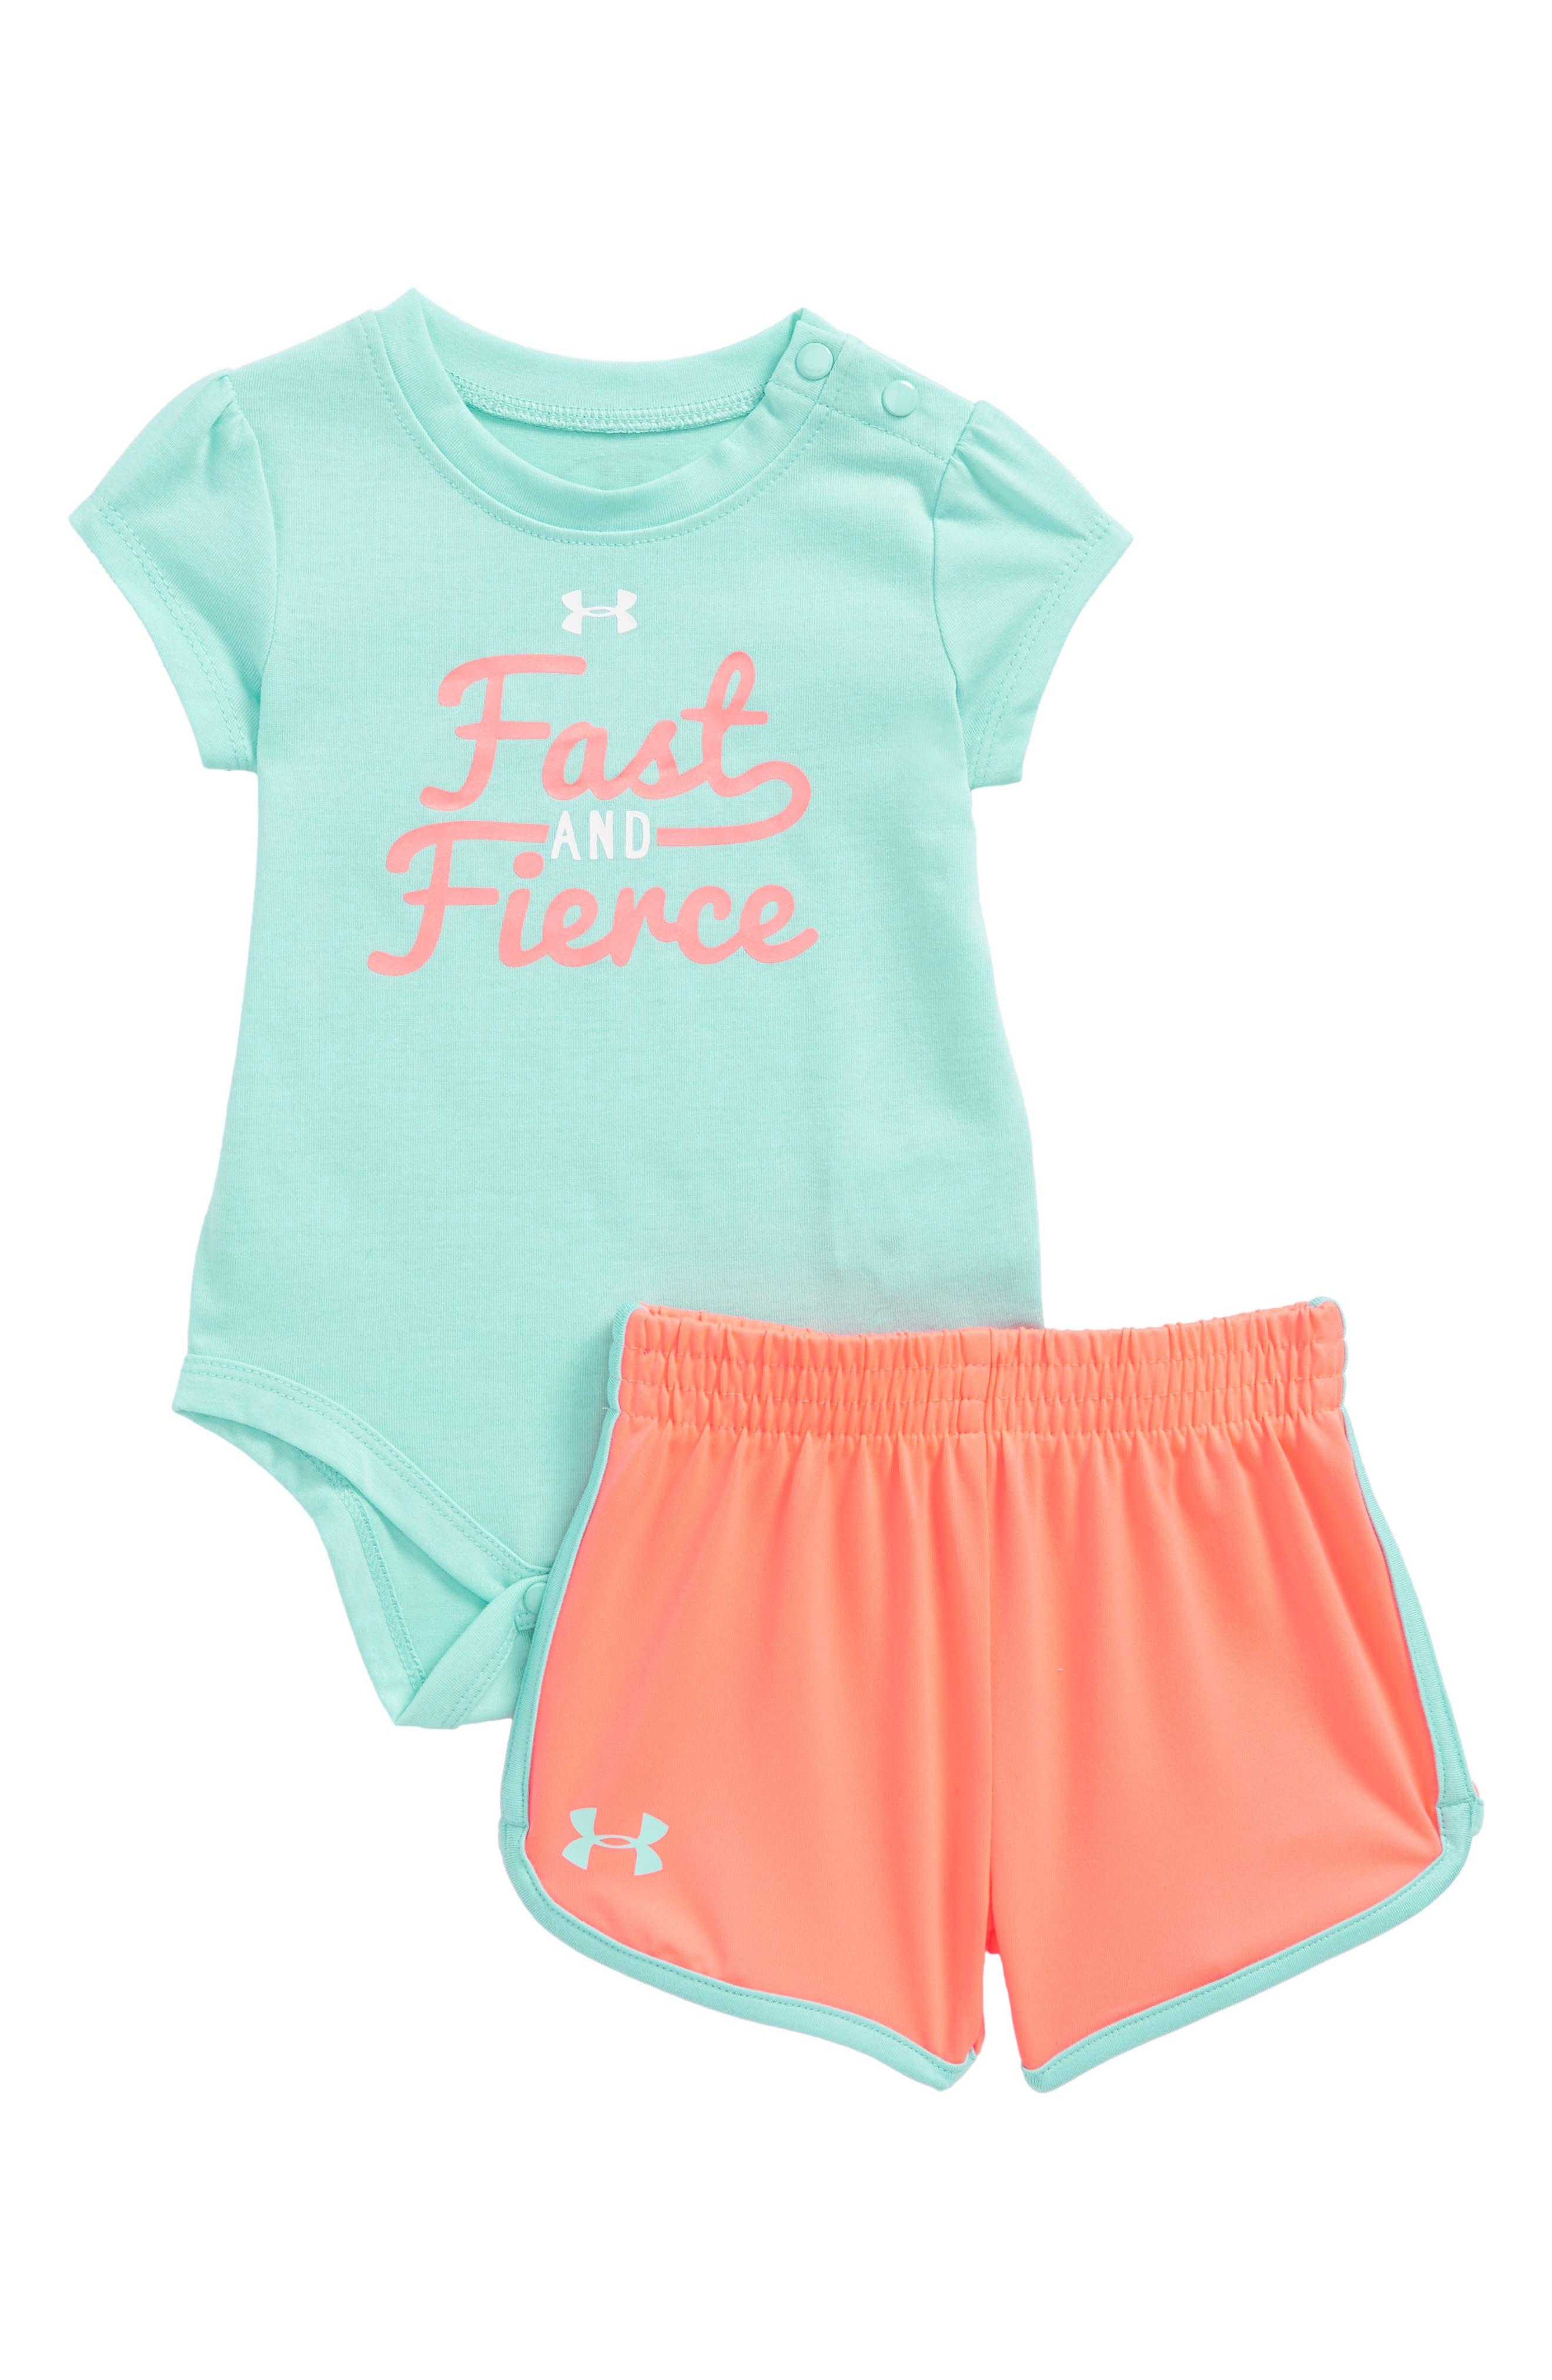 Fast & Fierce Bodysuit & Shorts Set,                         Main,                         color, 410